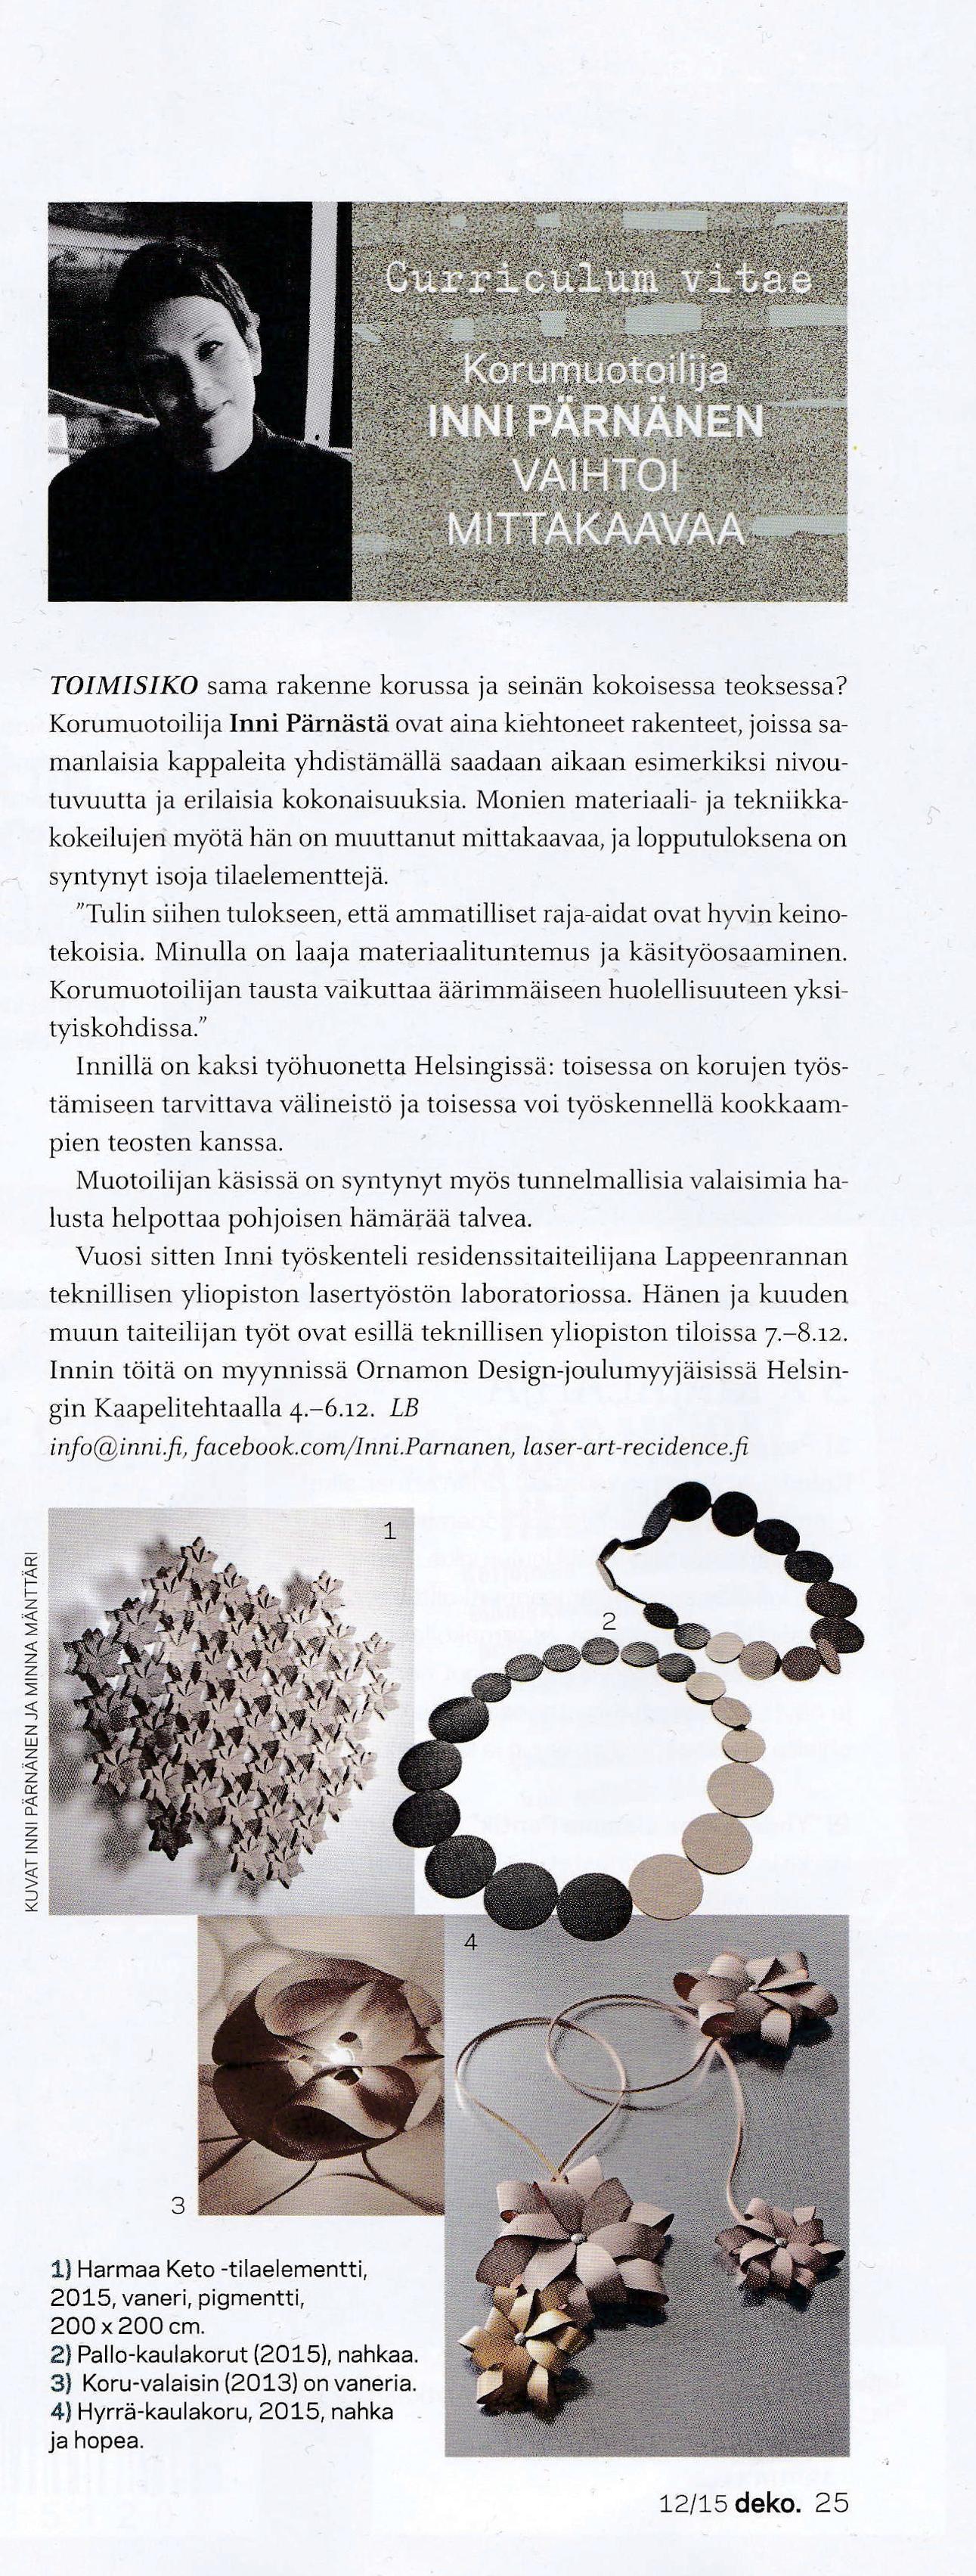 Inni in Deko Magazine